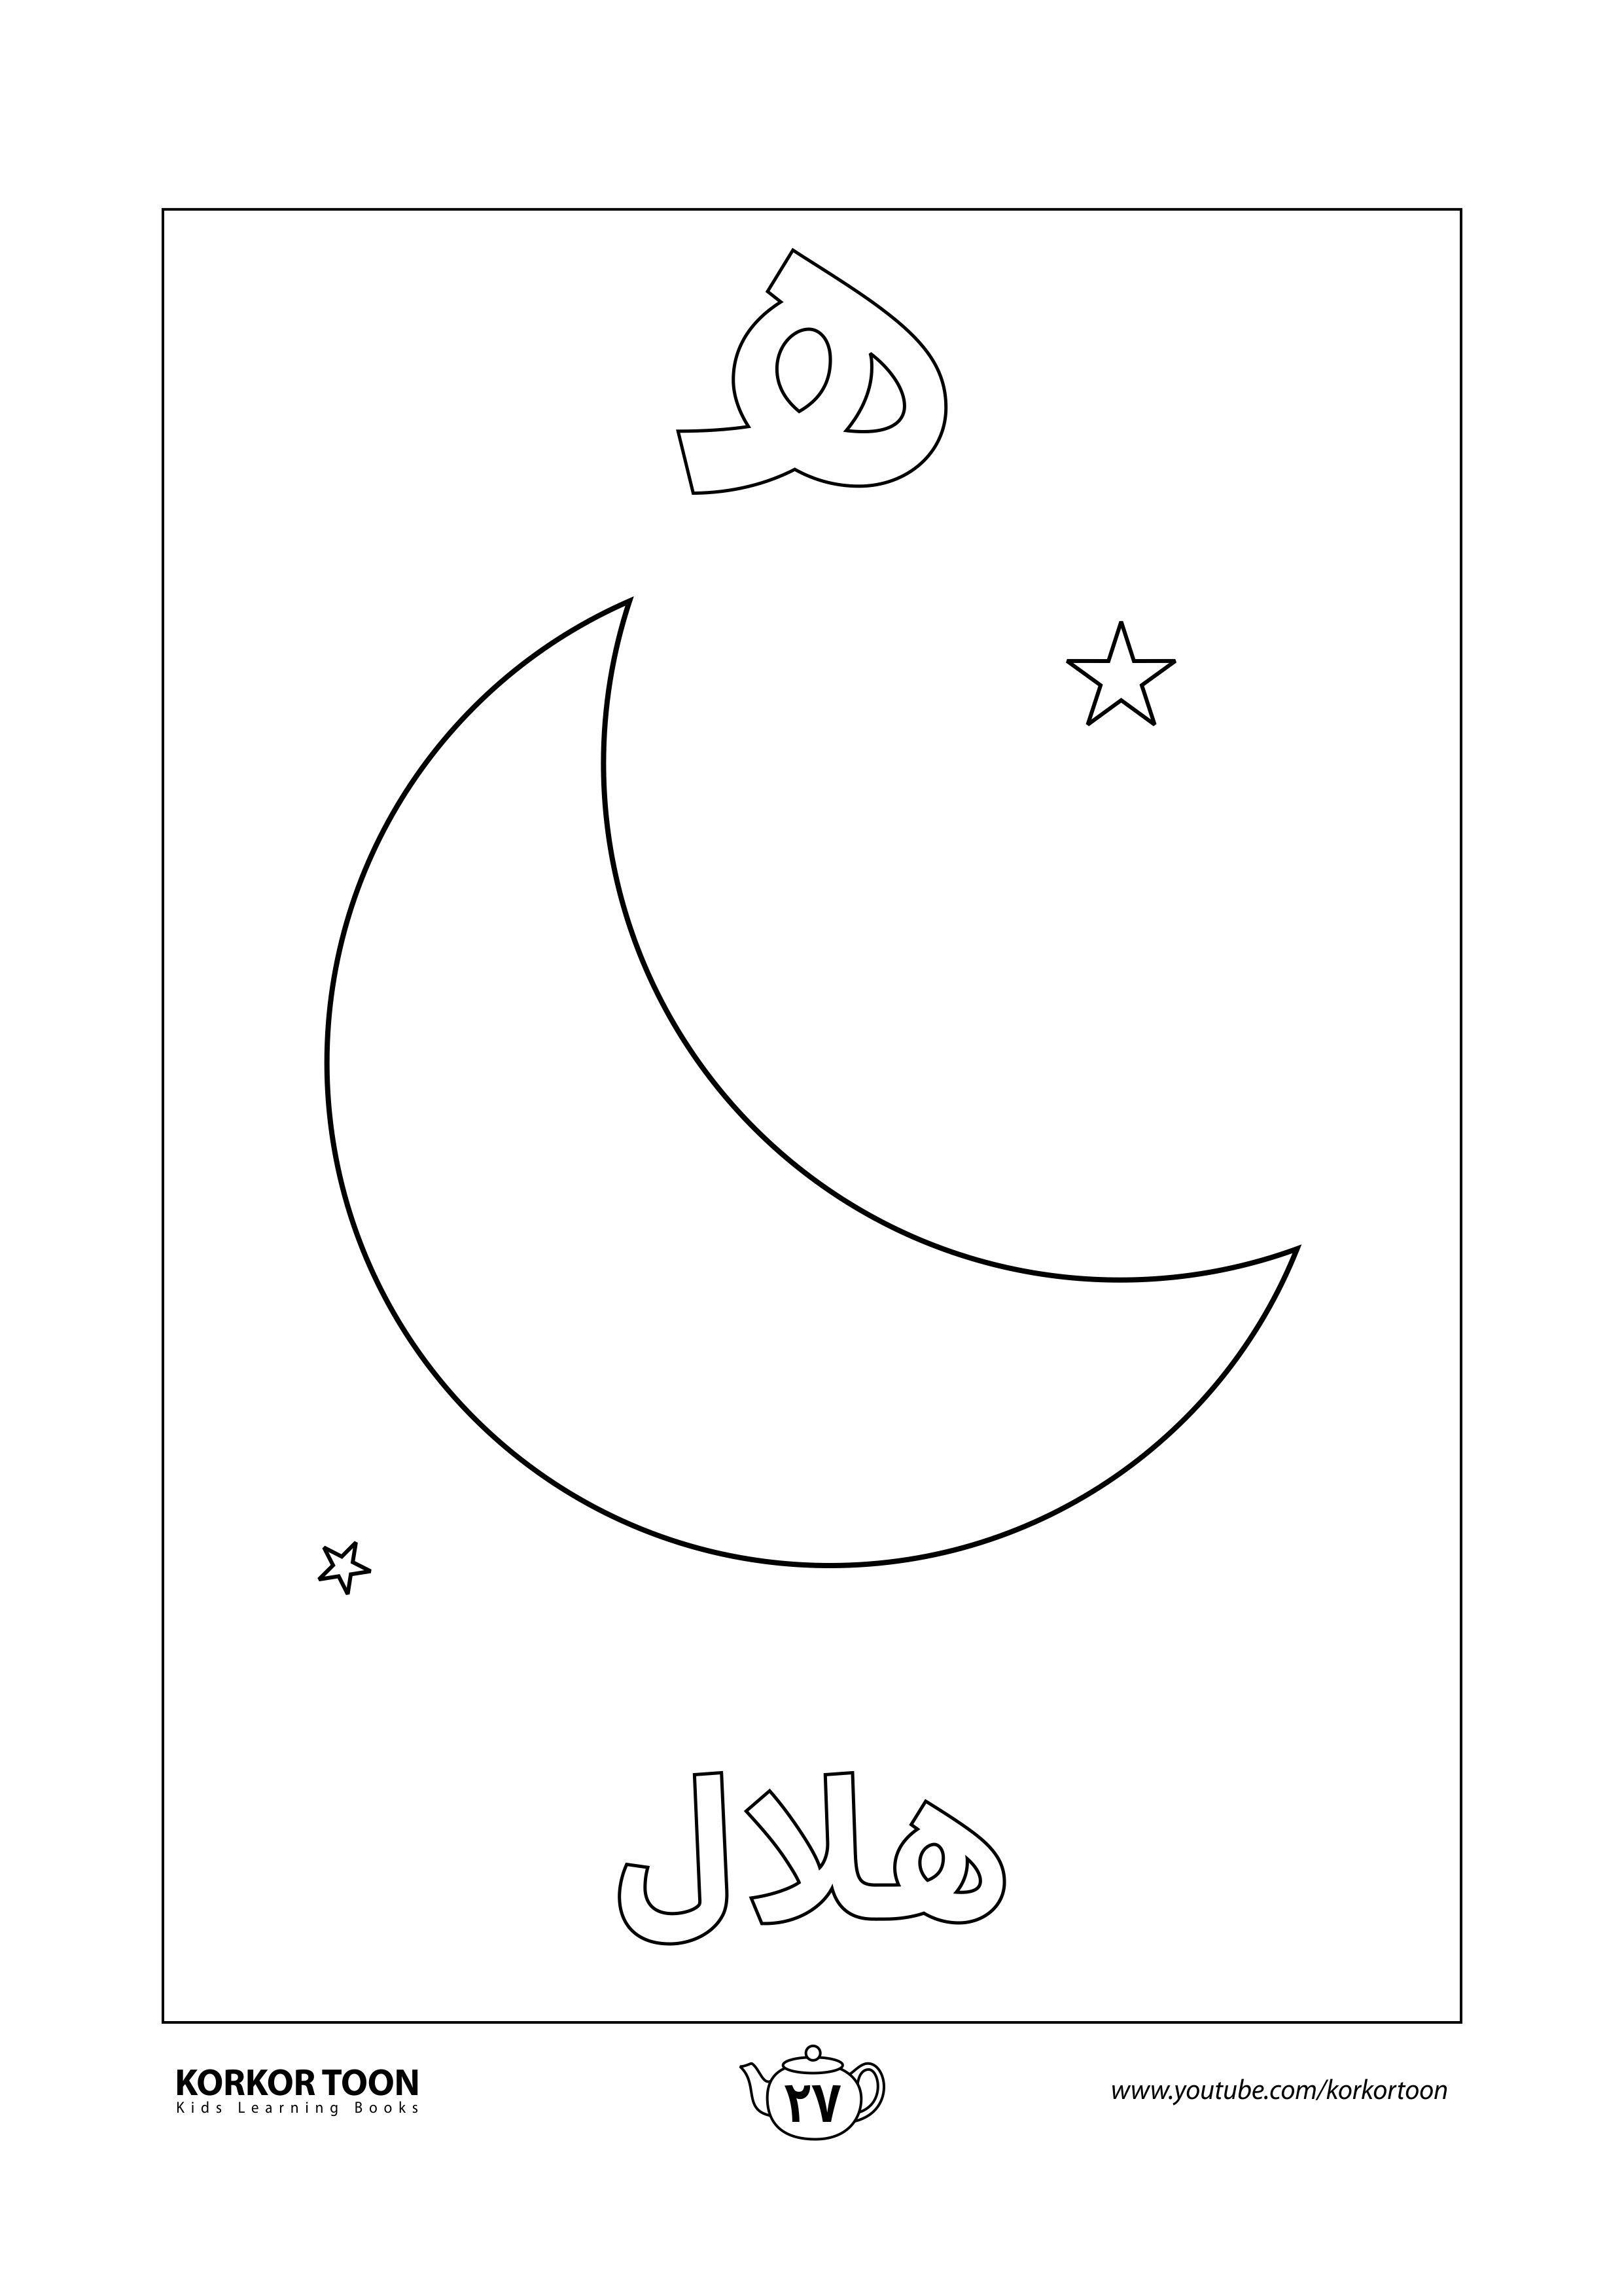 صفحة تلوين حرف الهاء كتاب تلوين الحروف العربية للأطفال Muslim Kids Activities Learning Arabic Coloring Pages